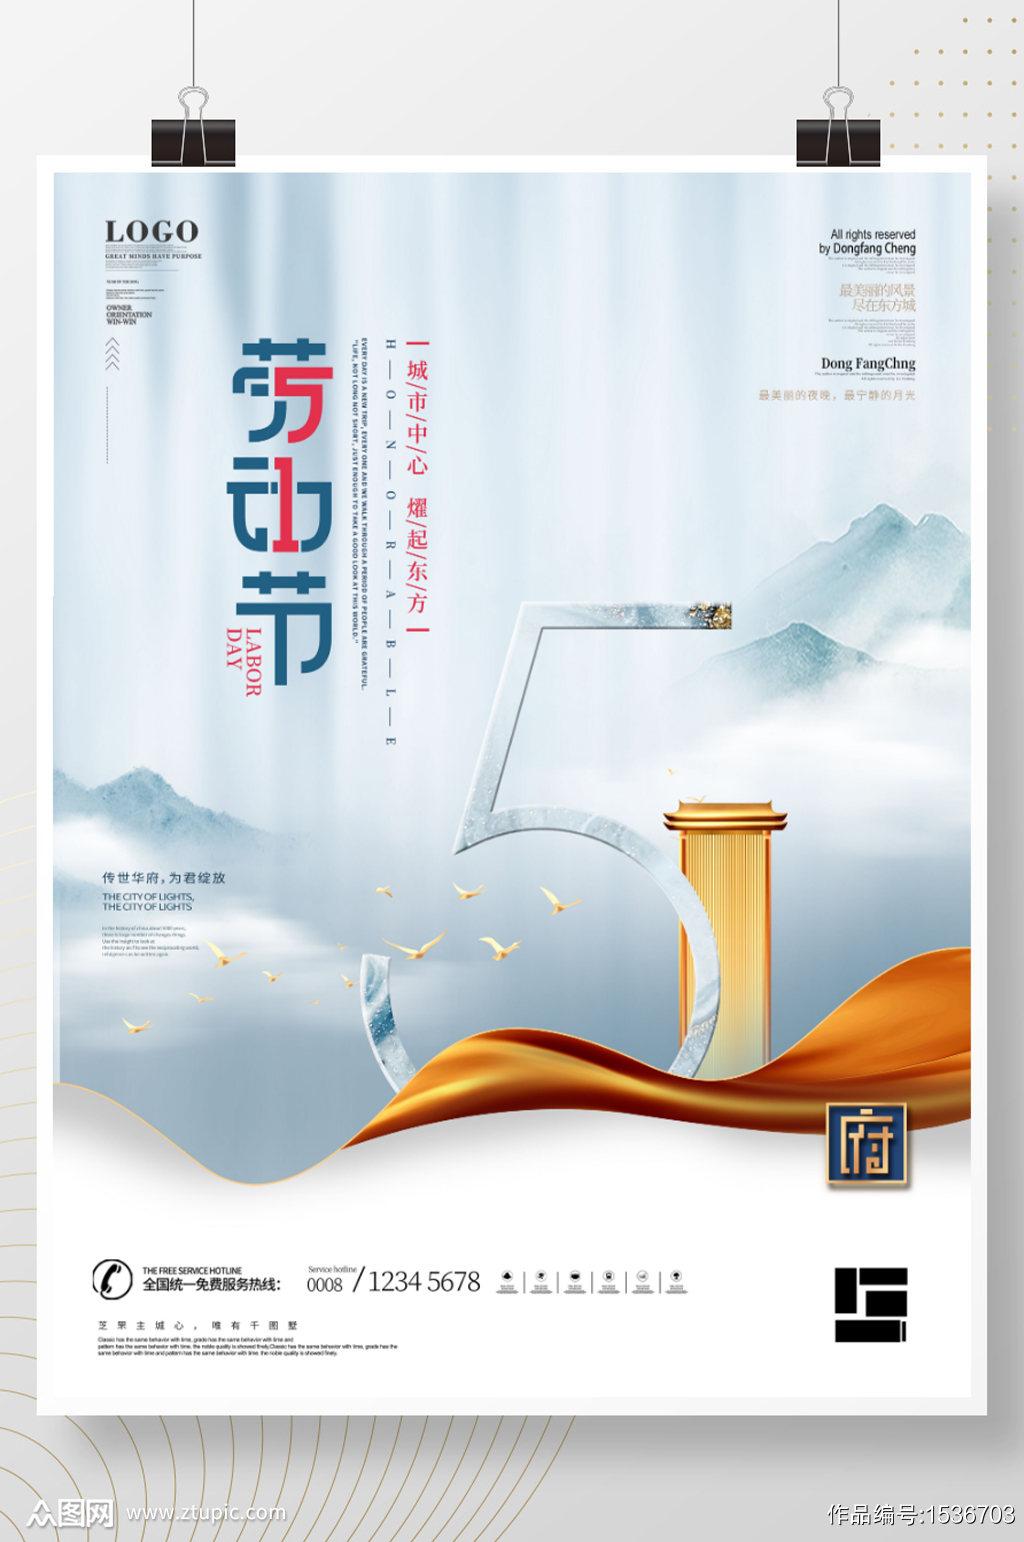 简约中国风五一劳动节房地产营销海报素材